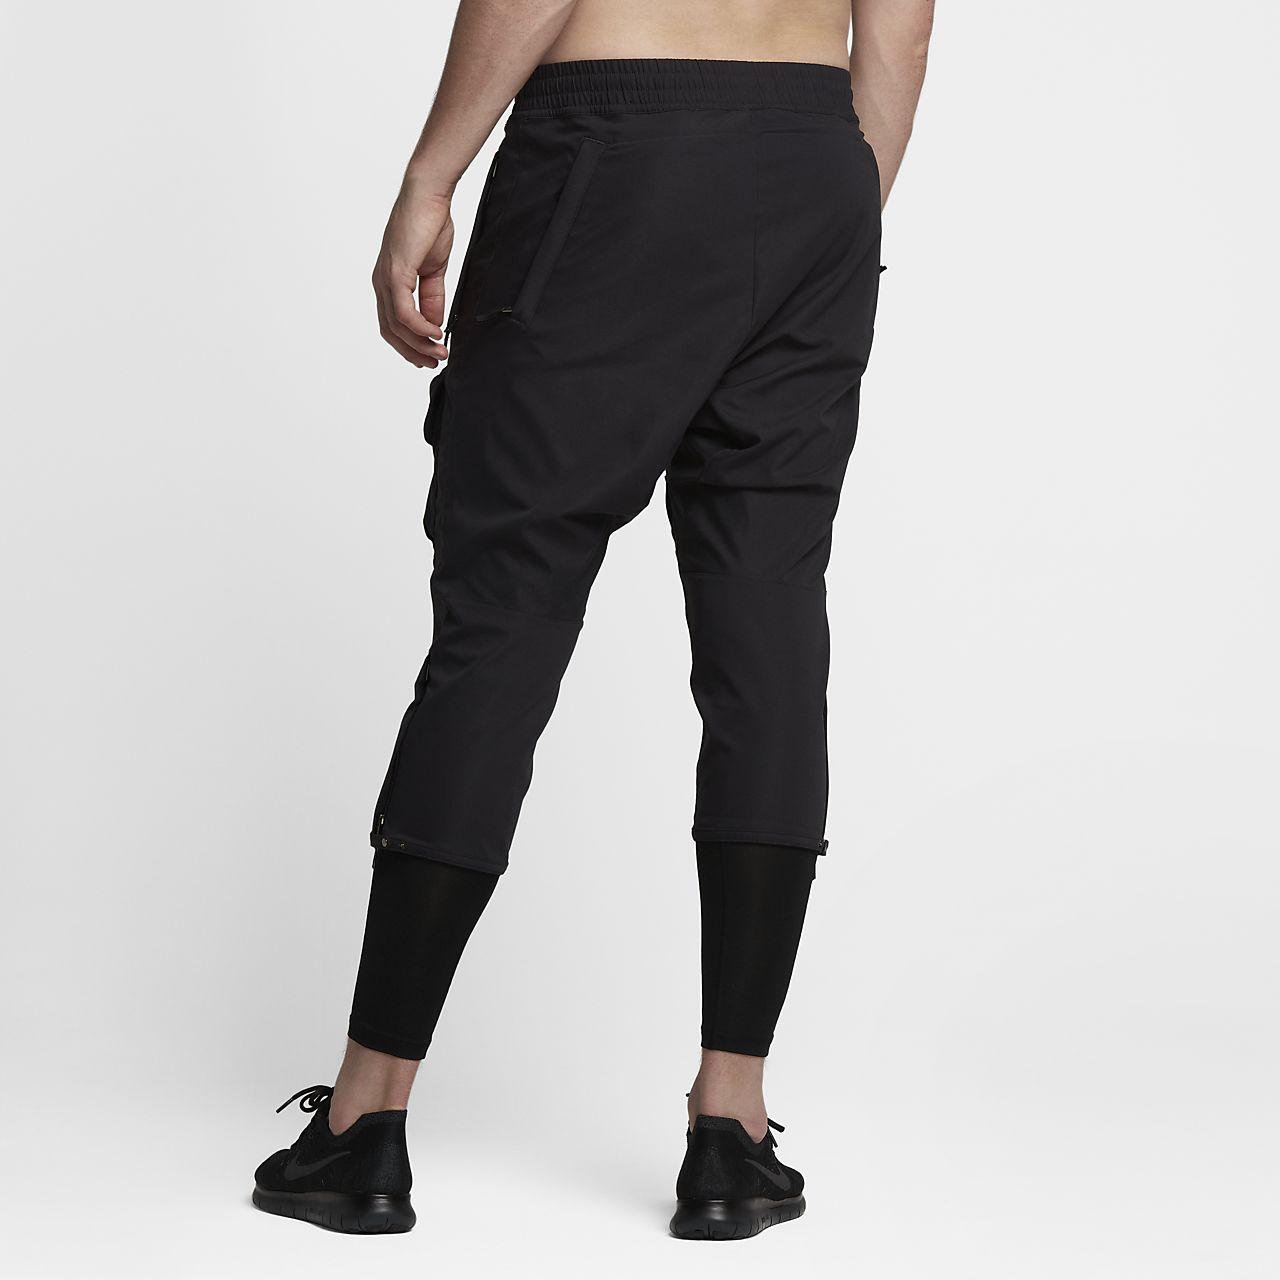 nike 3 pants